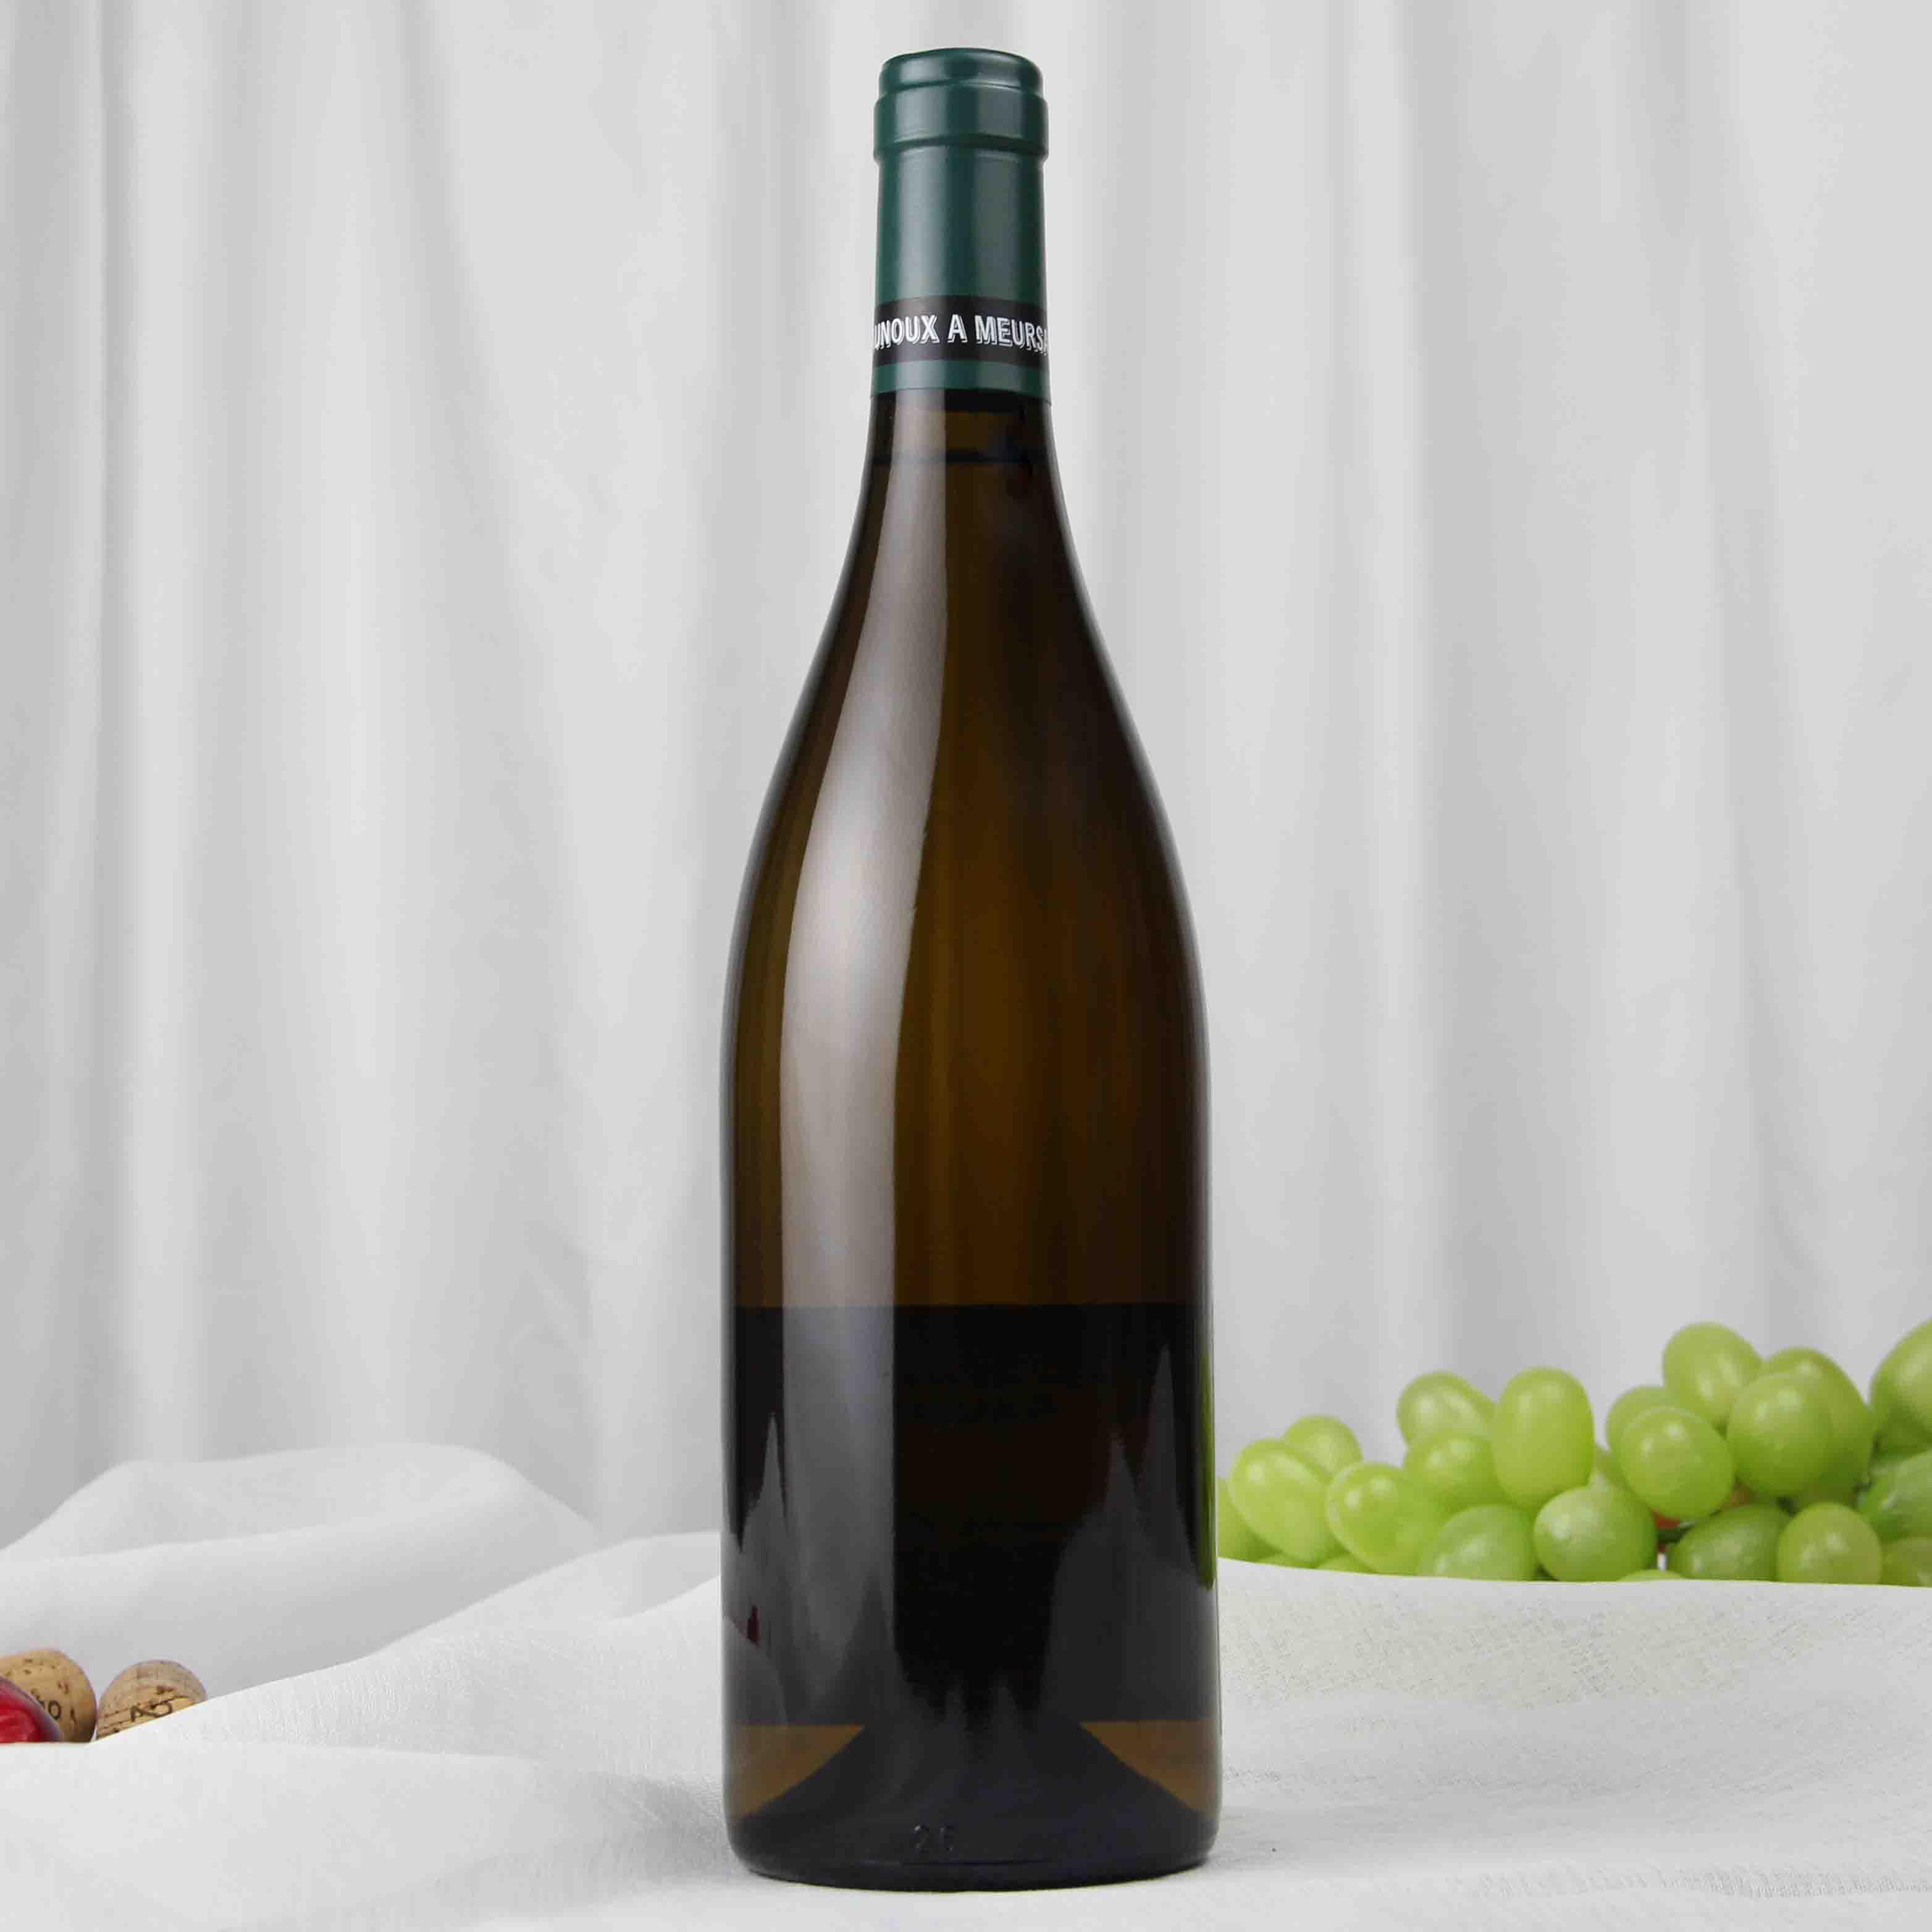 法国格鲁酒庄默尔索 金滴一级园白葡萄酒